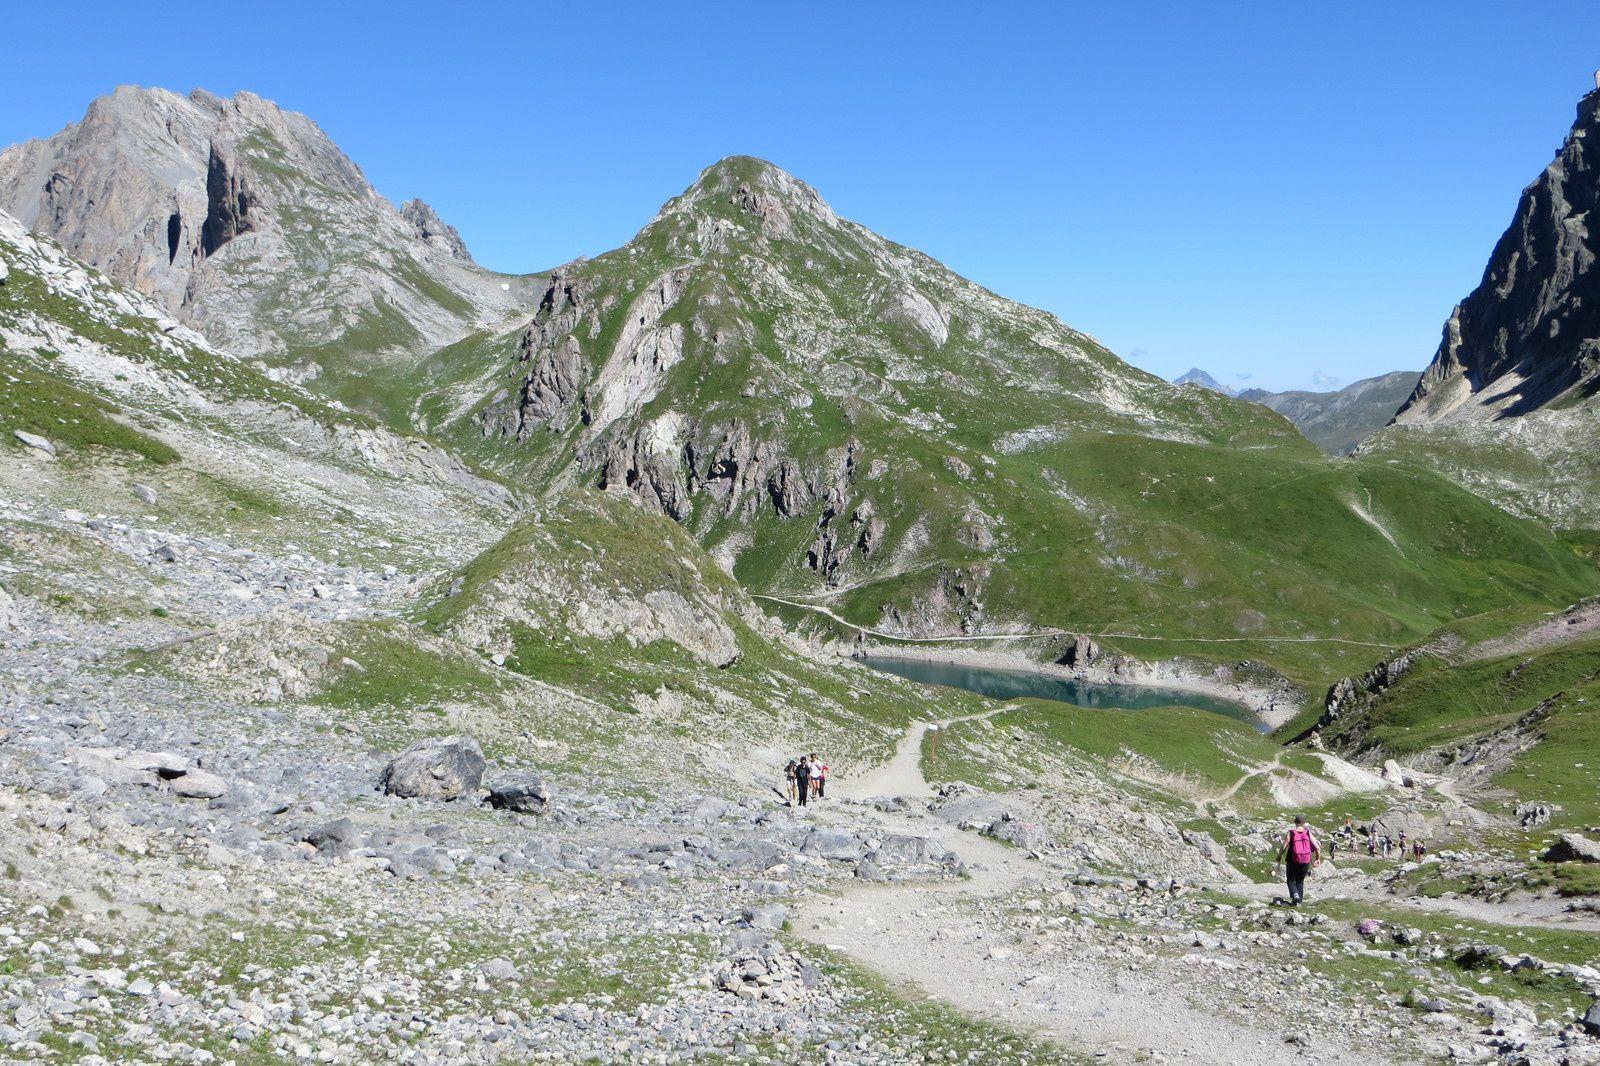 Descente vers le Lac du Grand Ban - Pic de l'Aigle et Pointe de la Plagnette